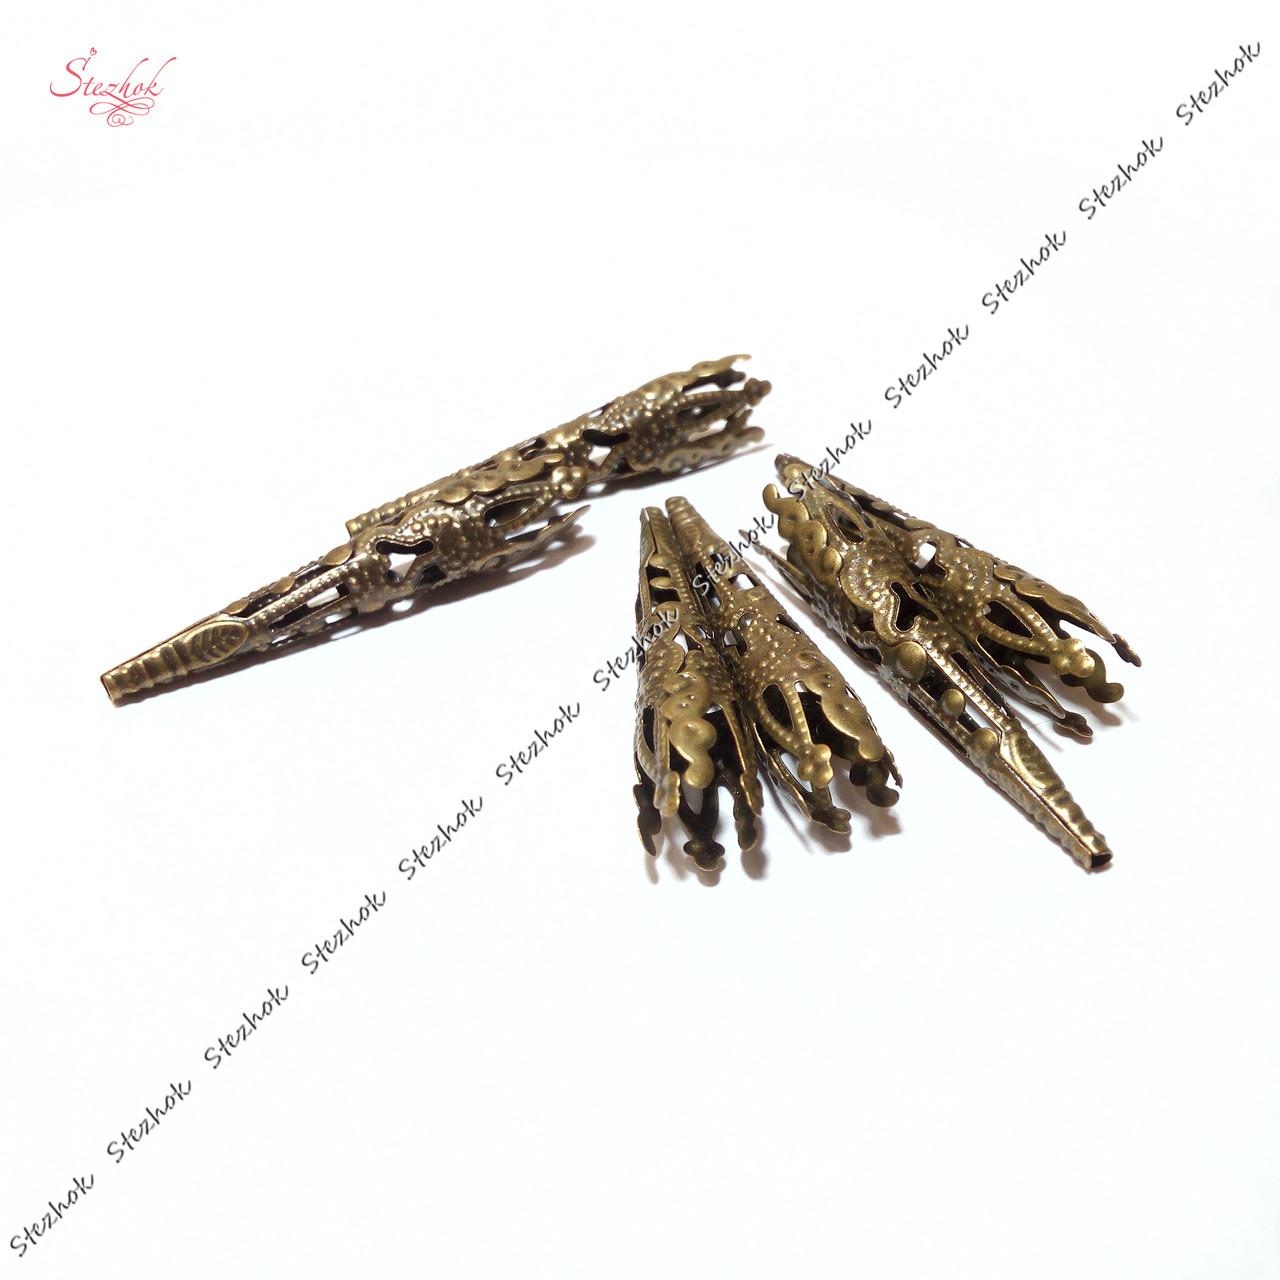 Металлические филигранные конусы для бусин 41 мм для рукоделия цвет бронза